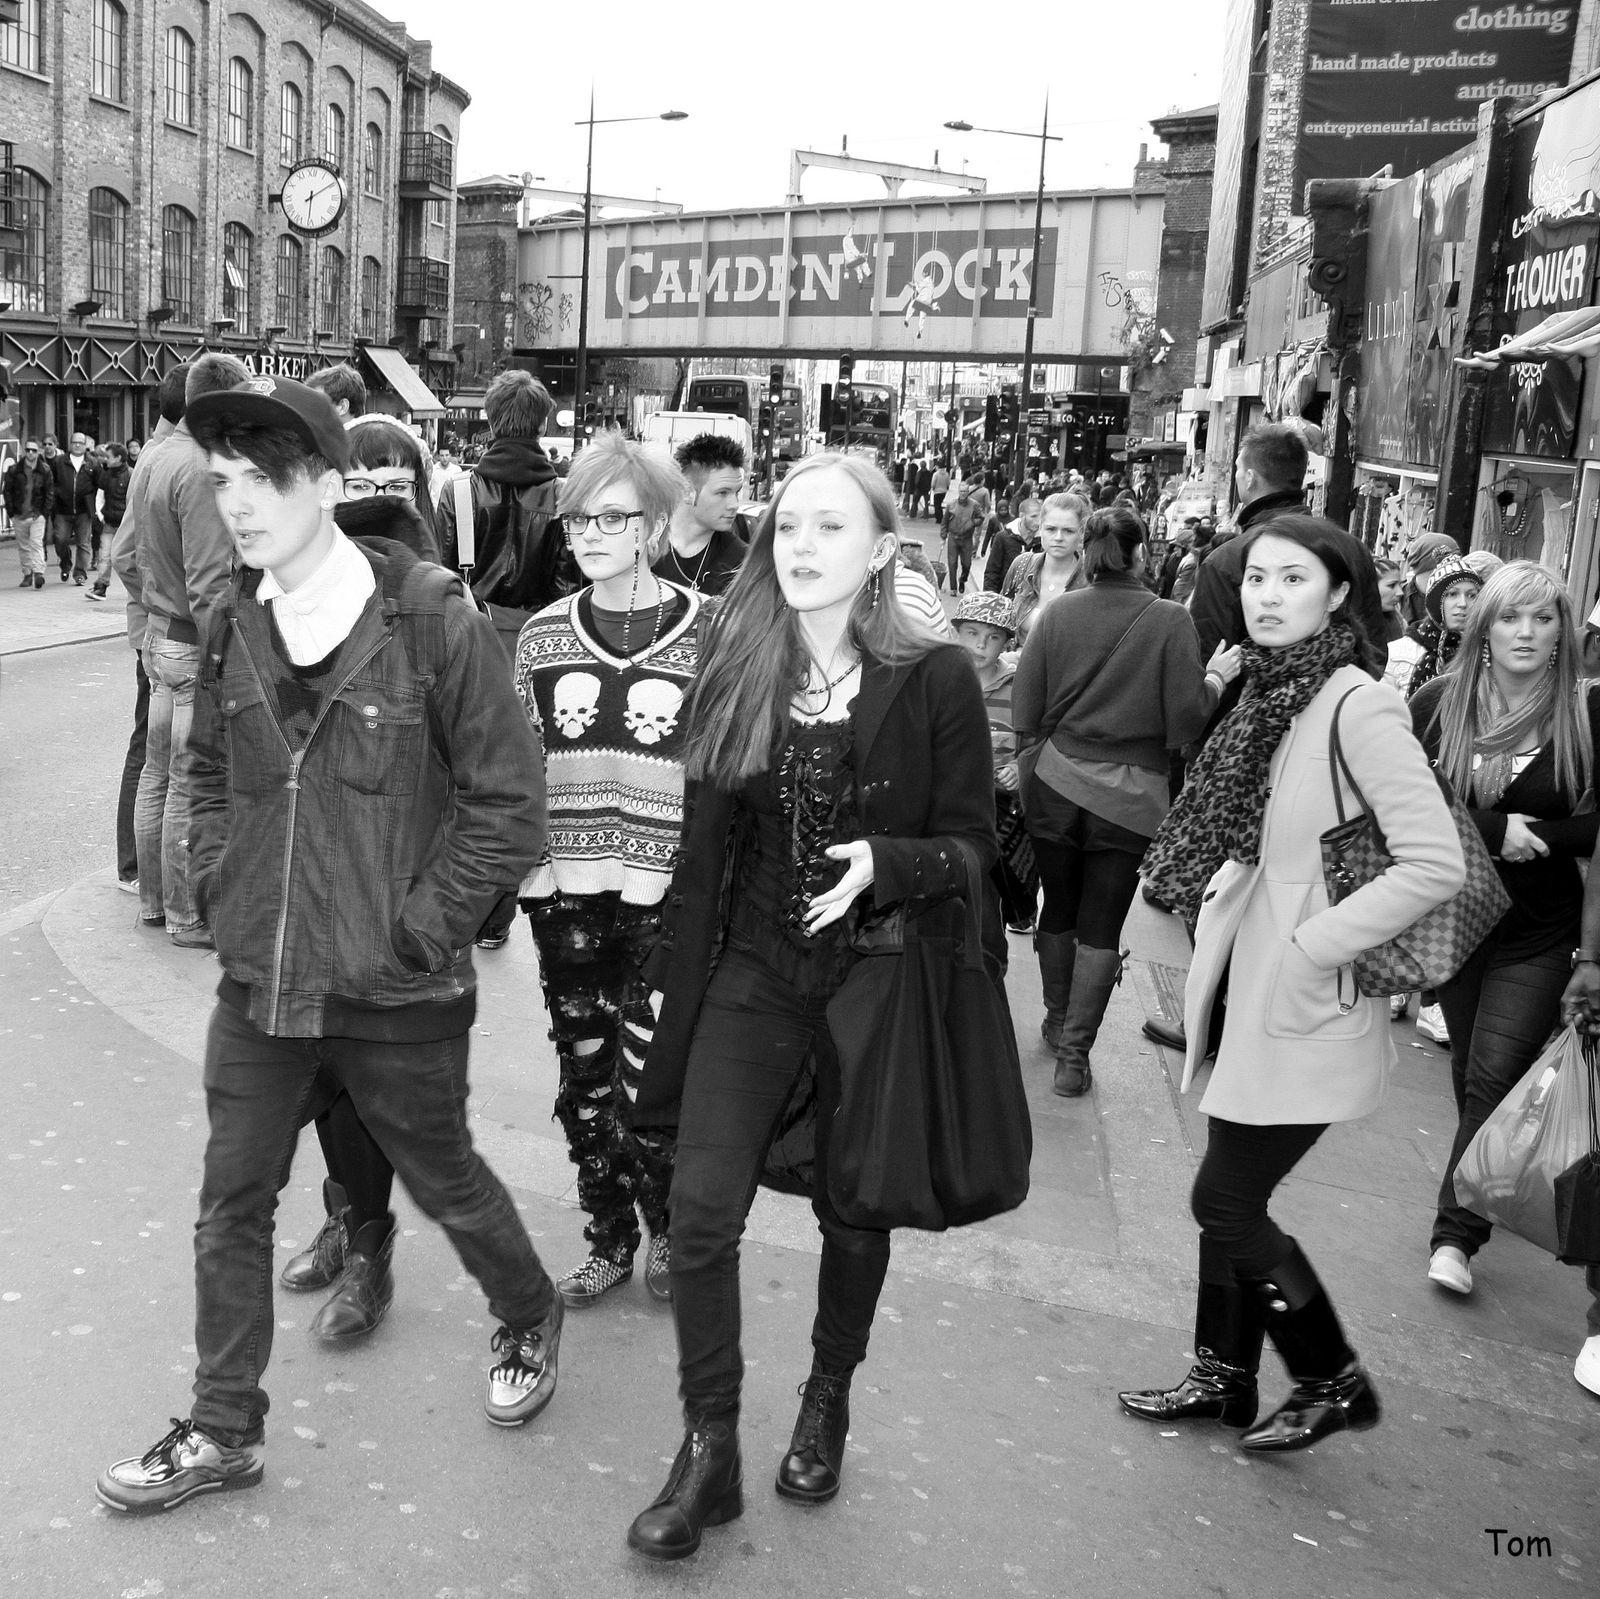 """""""People of Camden Town"""" - Une fourmilière humaine décalée dans un quartier londonien hors du temps"""